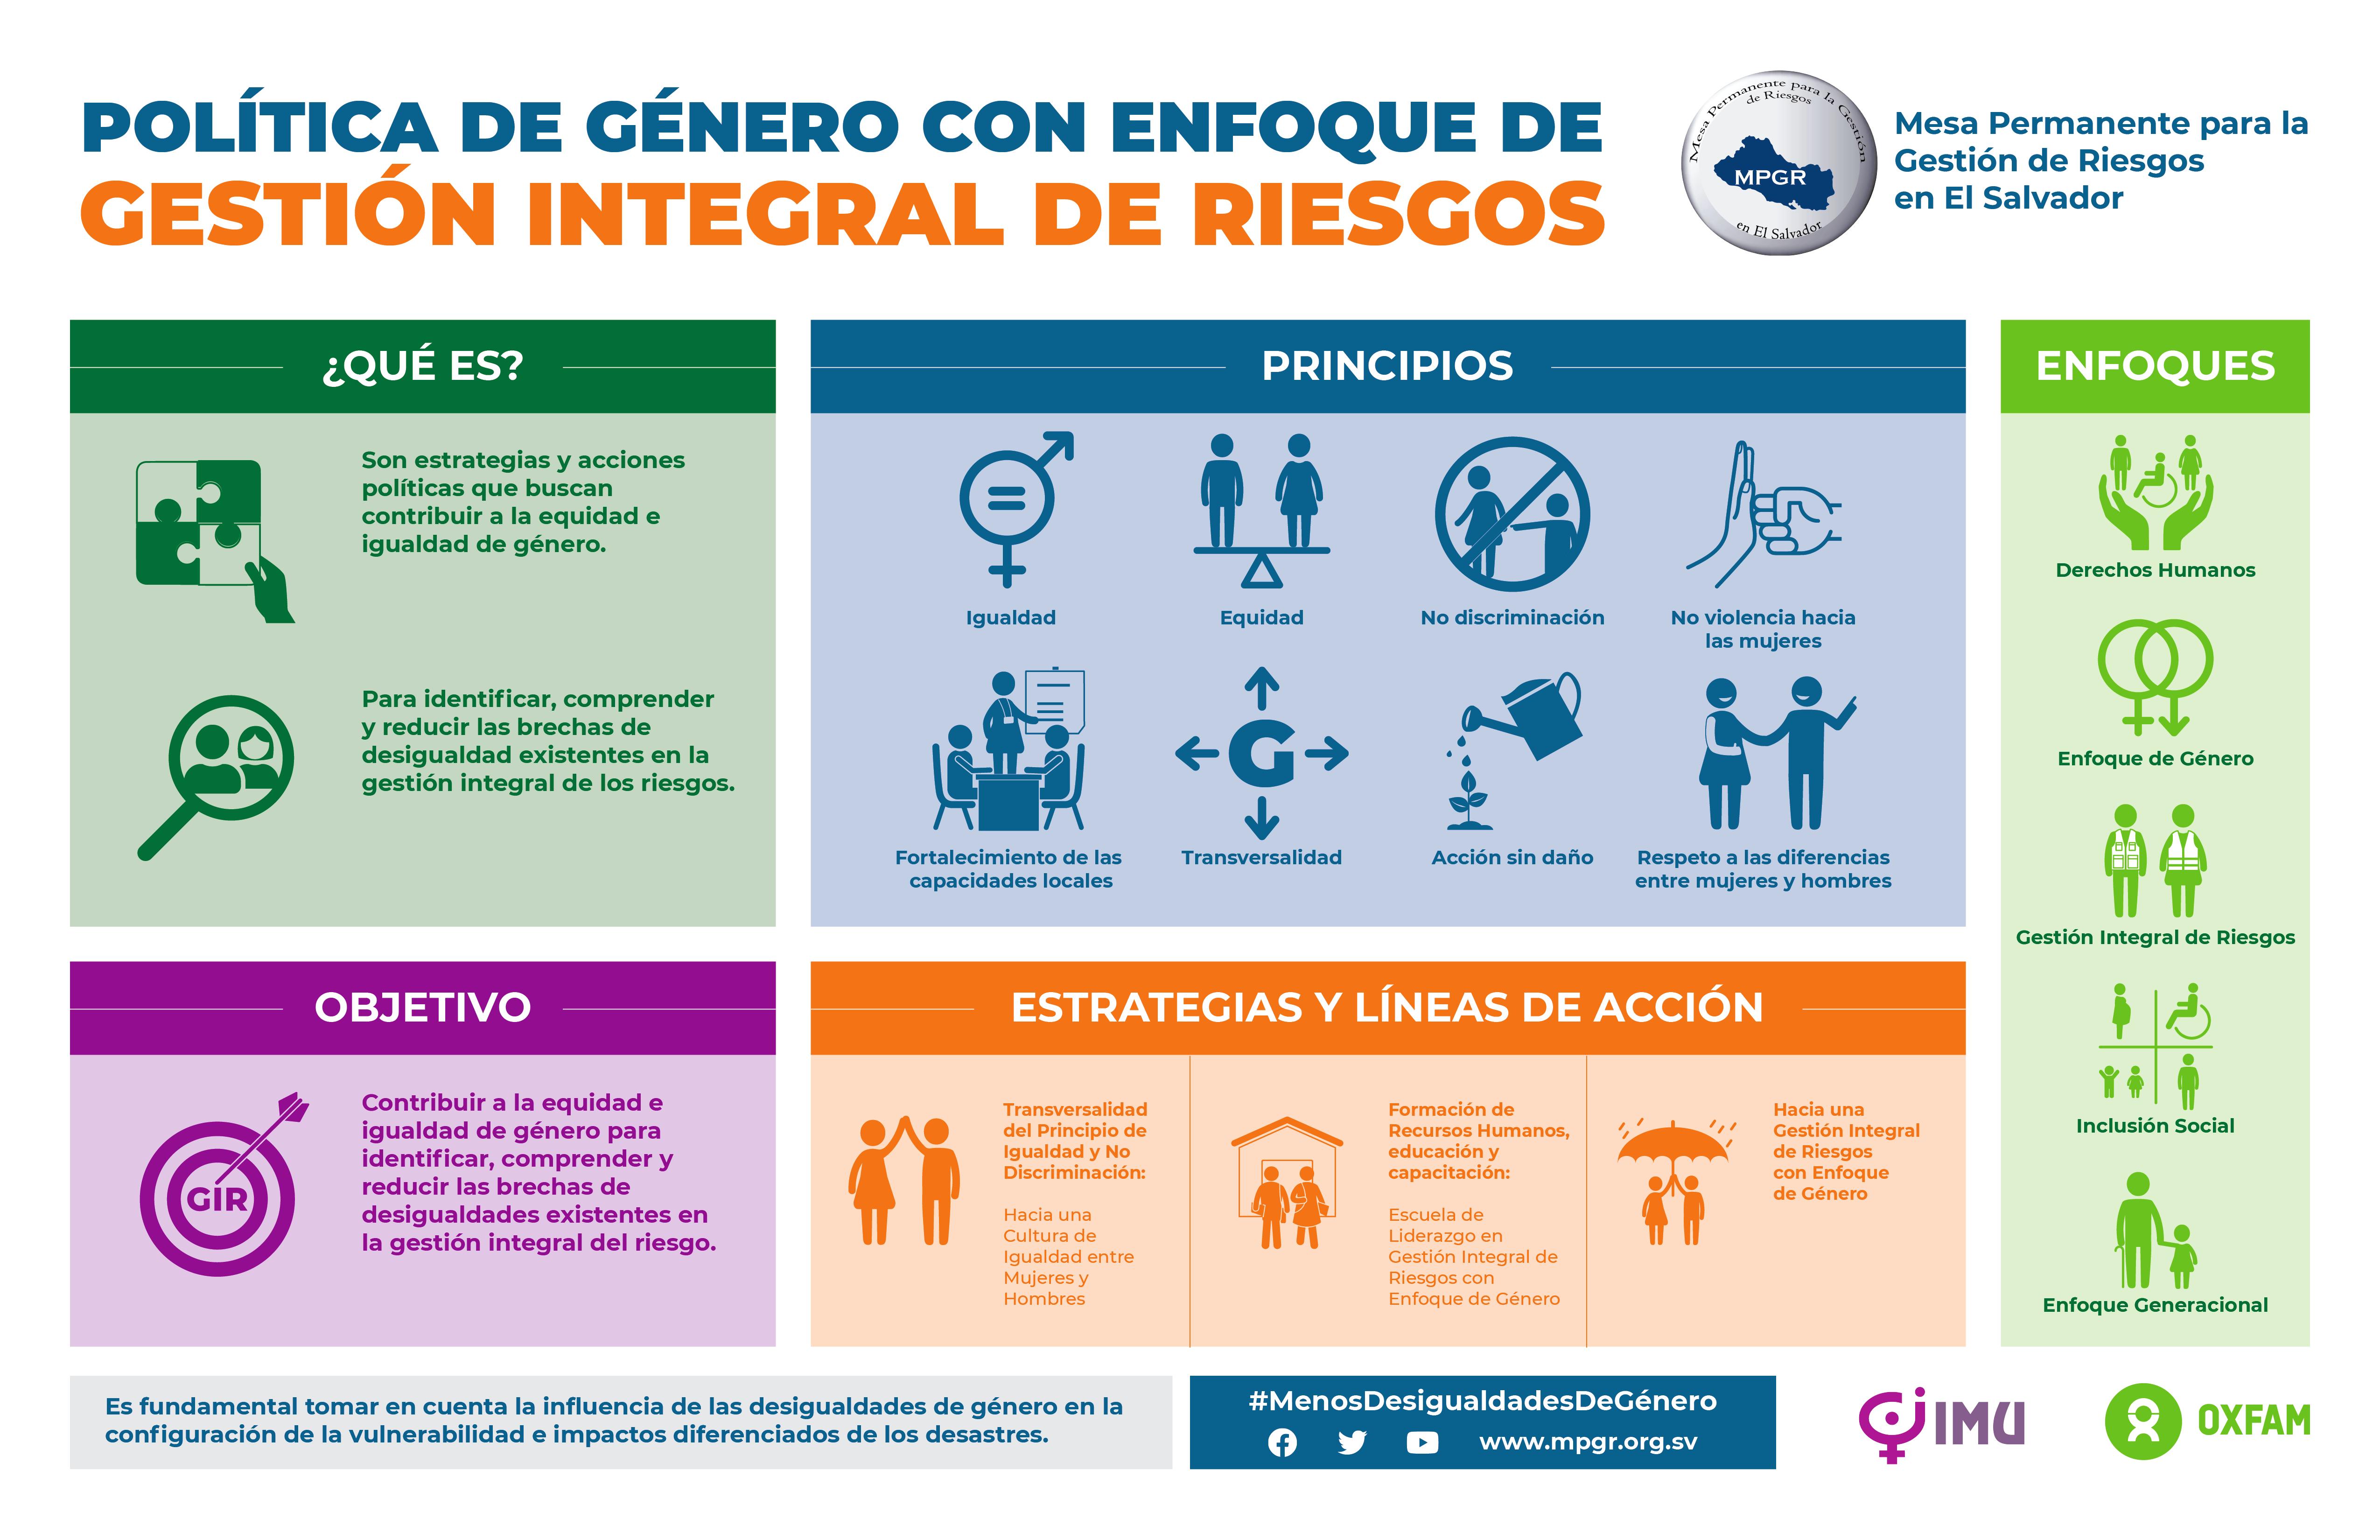 Rompiendo brechas de desigualdades de género en la Gestión Integral de Riesgos